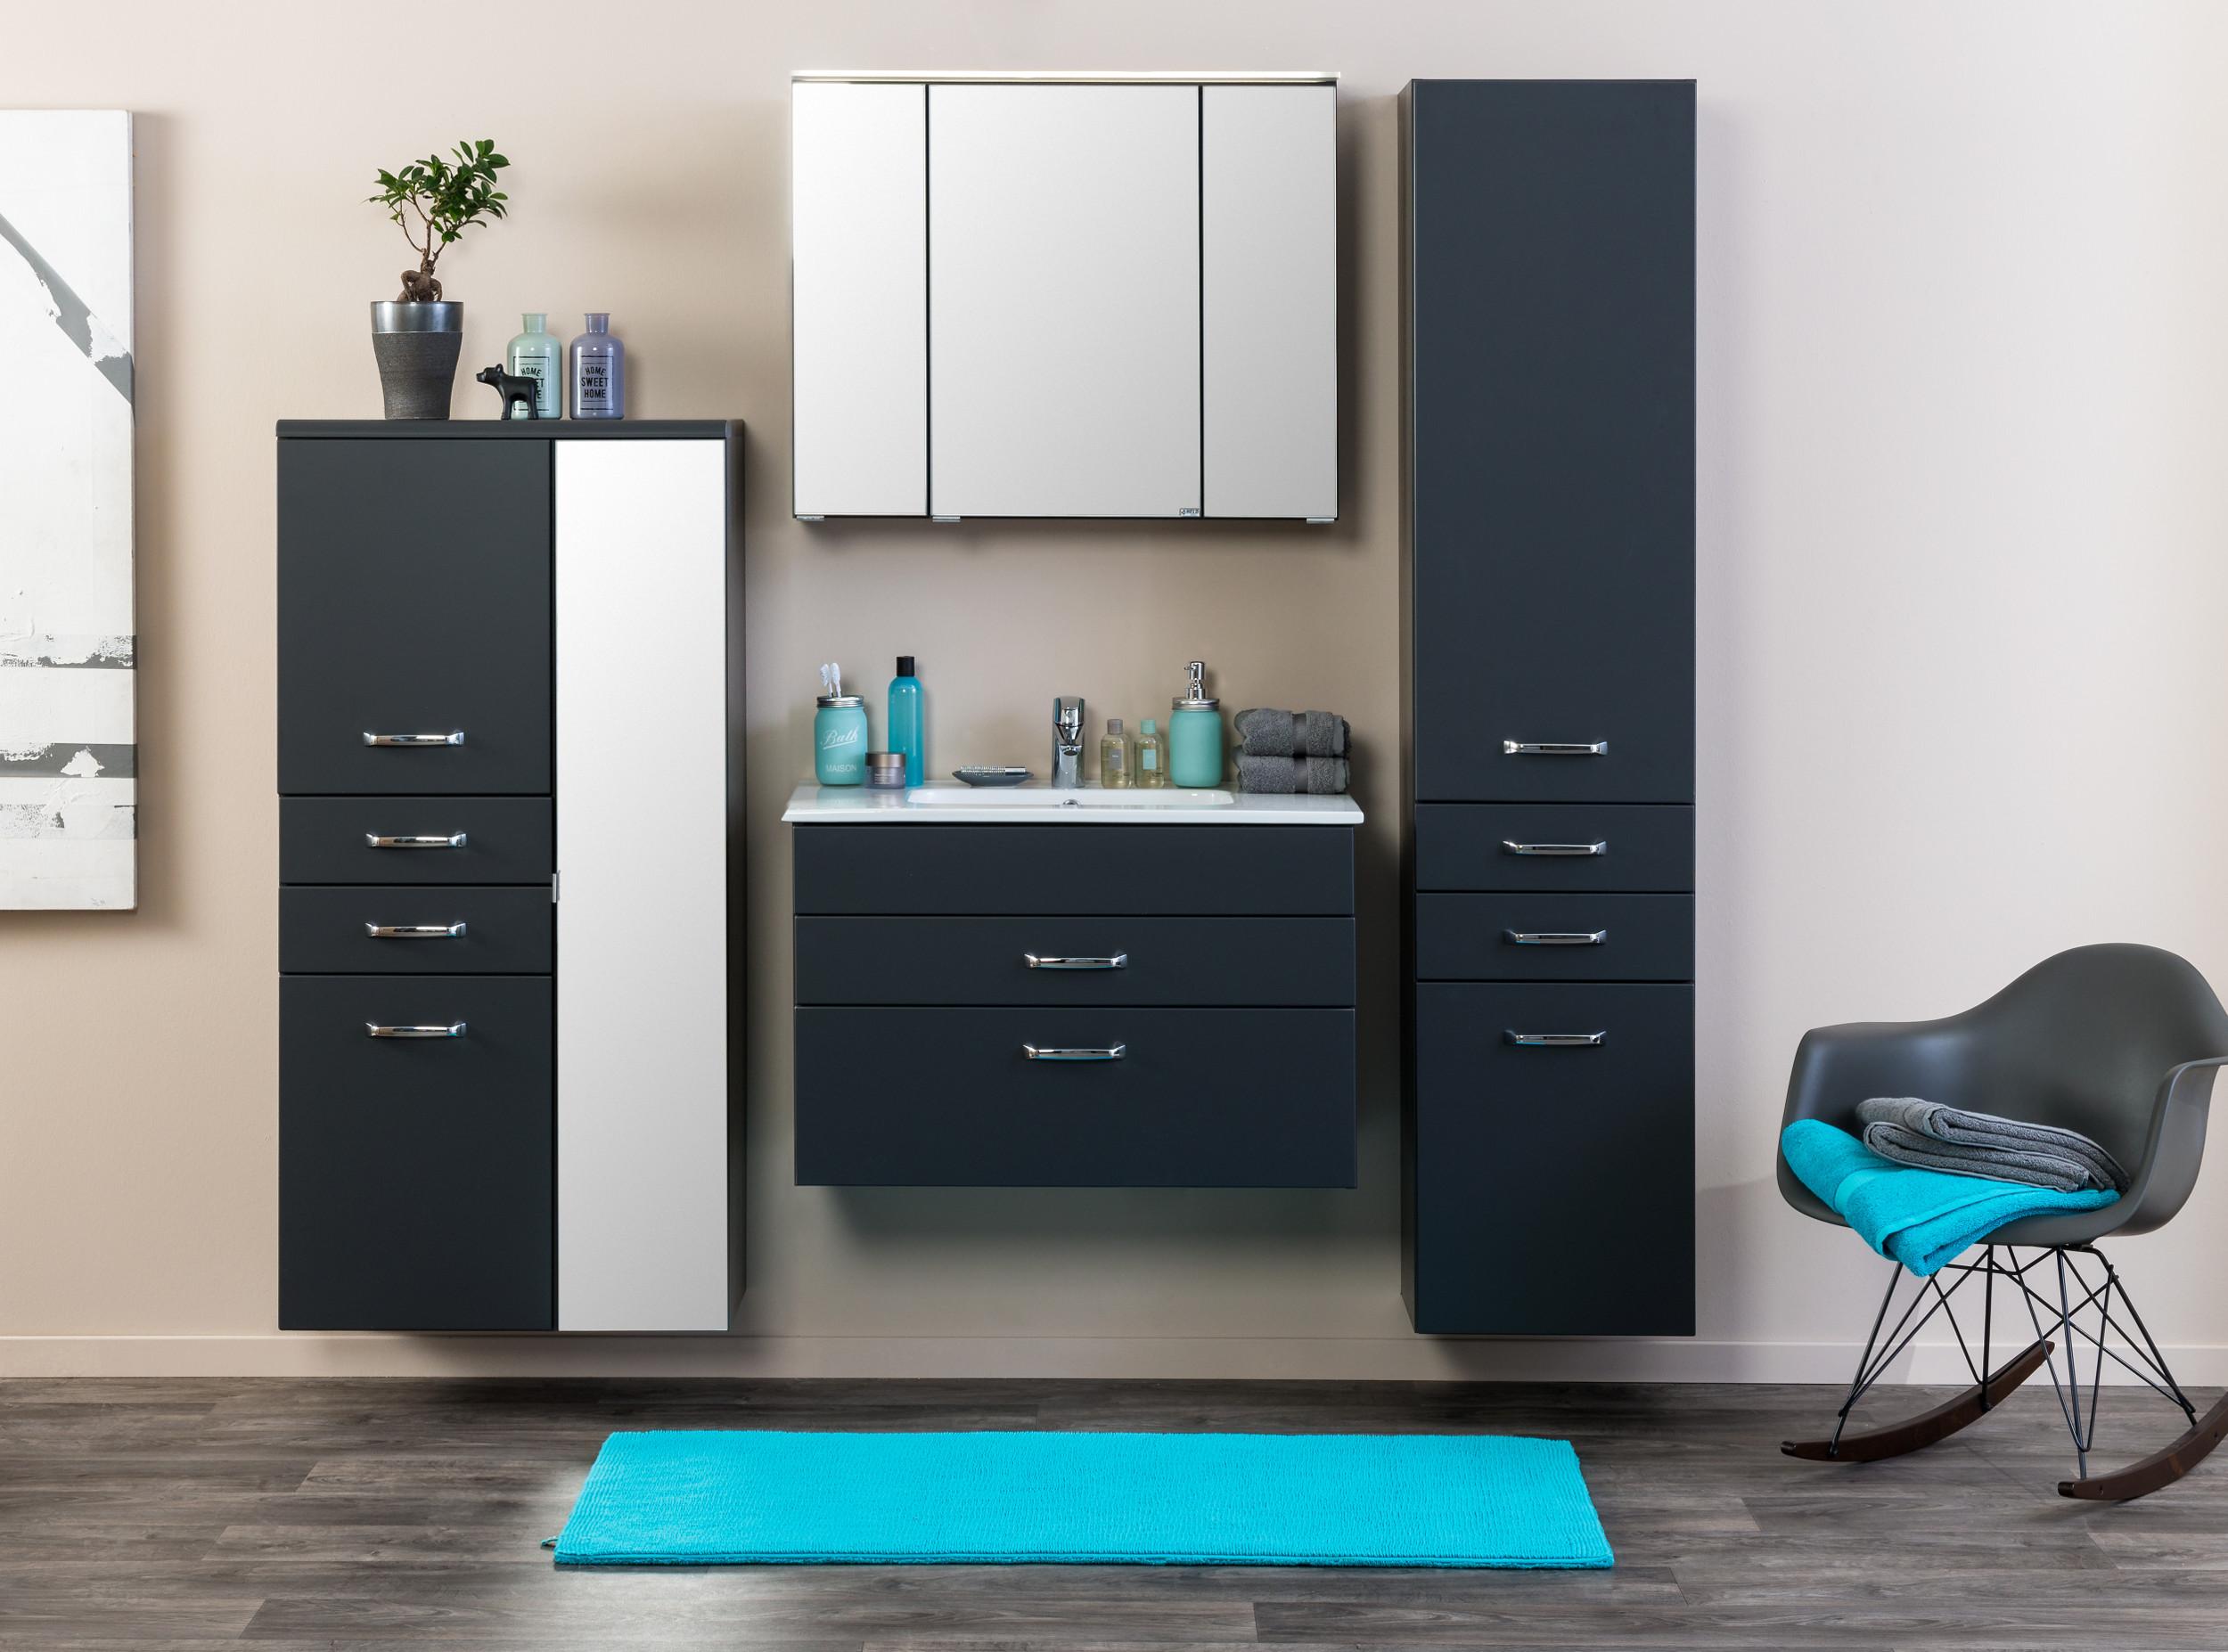 bad waschtisch fontana mit keramikbecken 80 cm breit. Black Bedroom Furniture Sets. Home Design Ideas